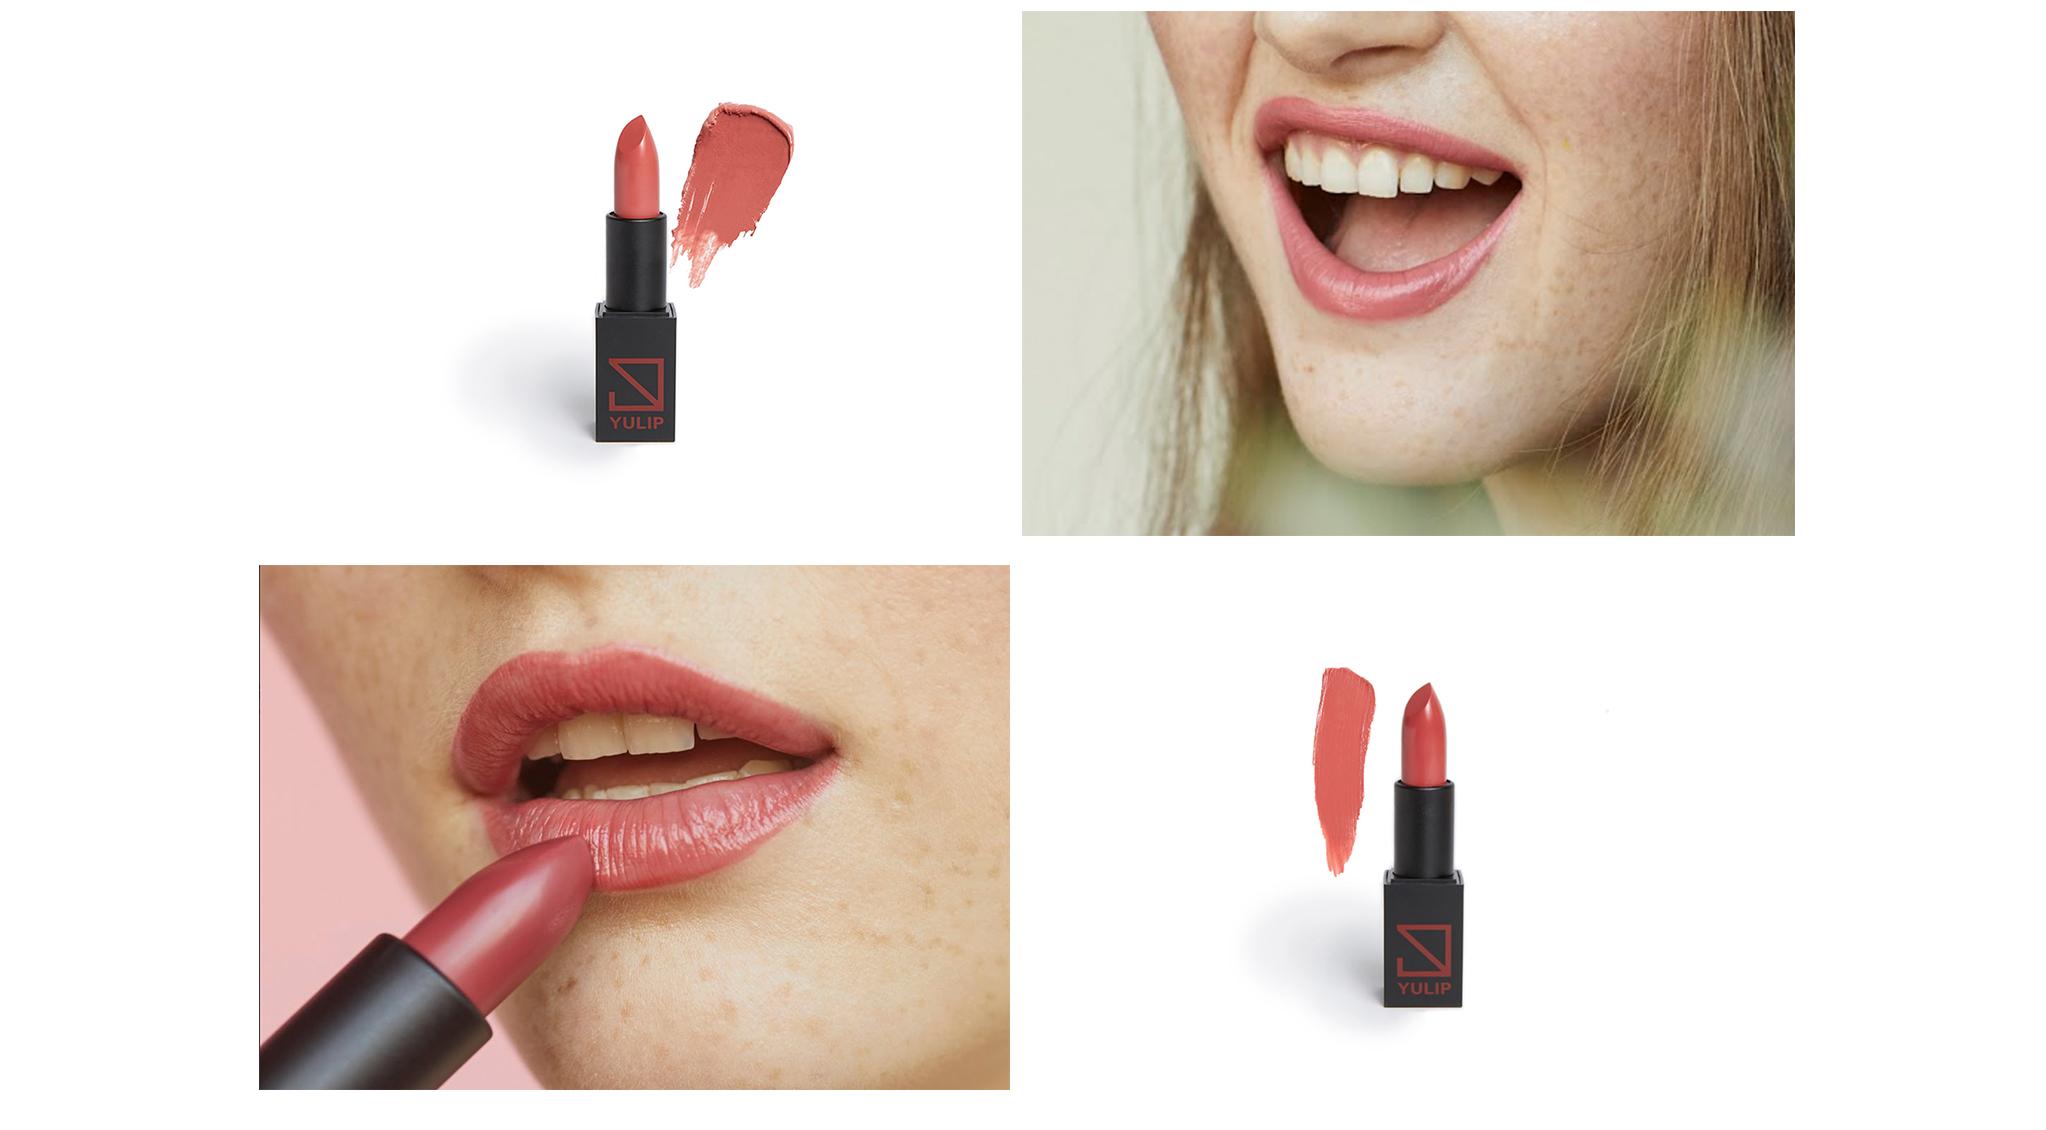 bca_lipsticks.jpg